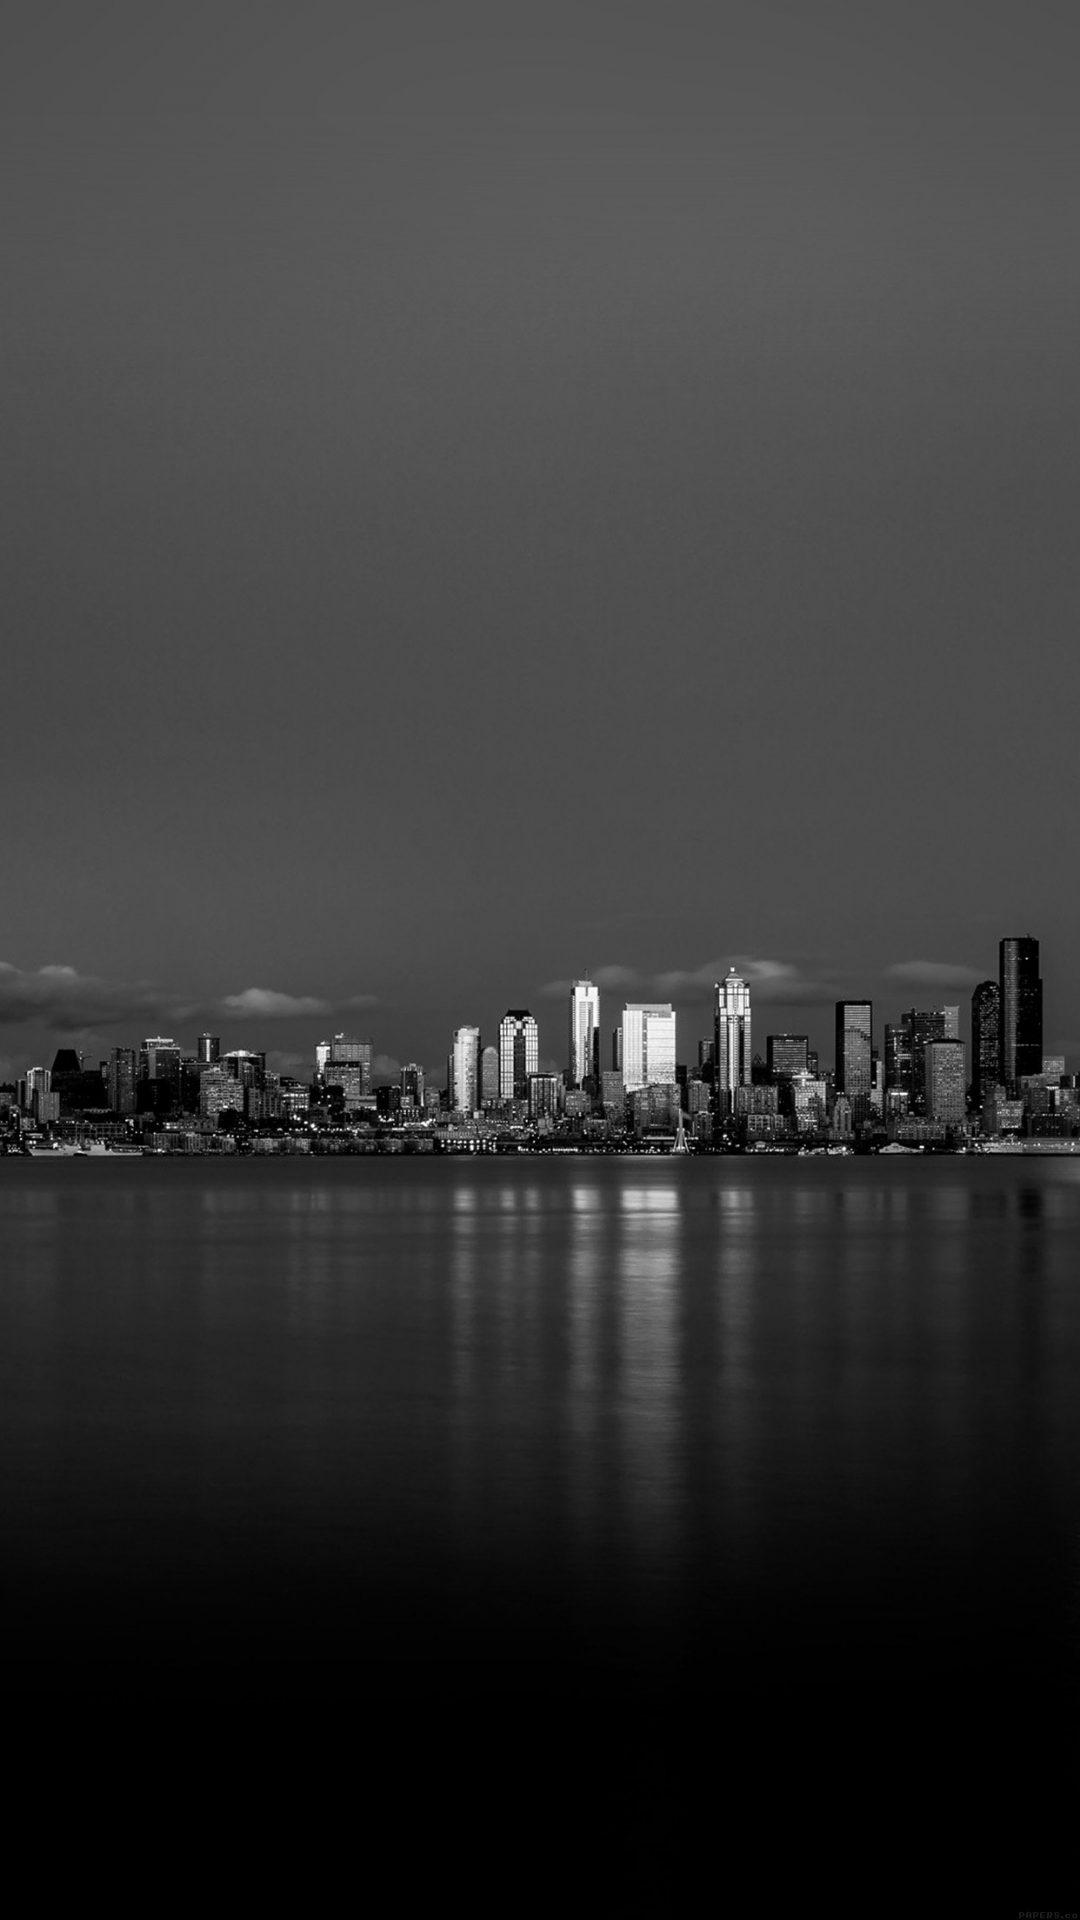 Night City View Dark Bw Nautre Art